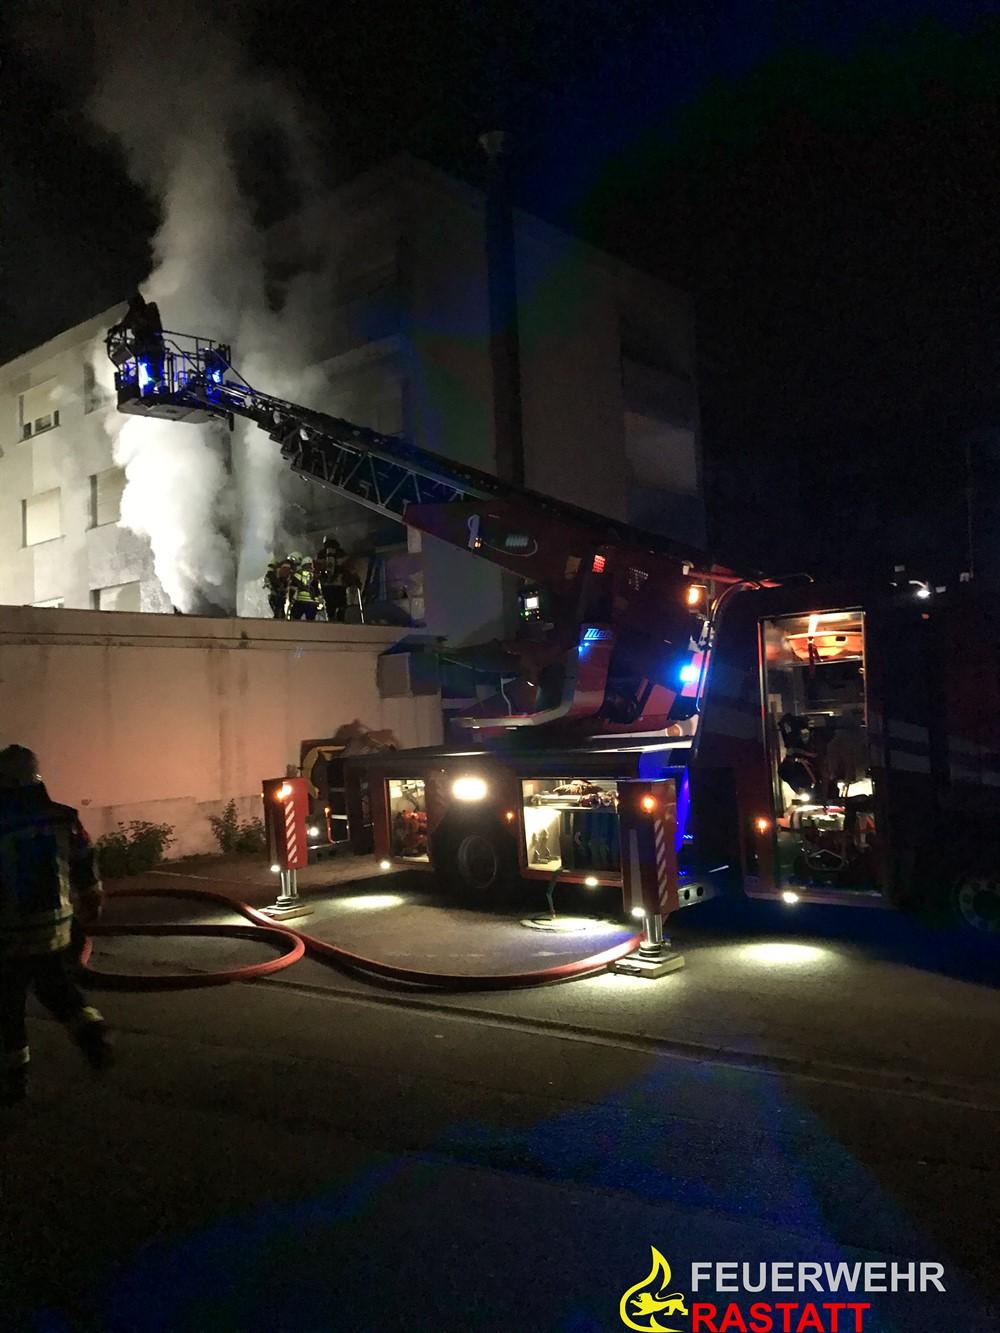 Feuerwehr Rastatt Einsätze